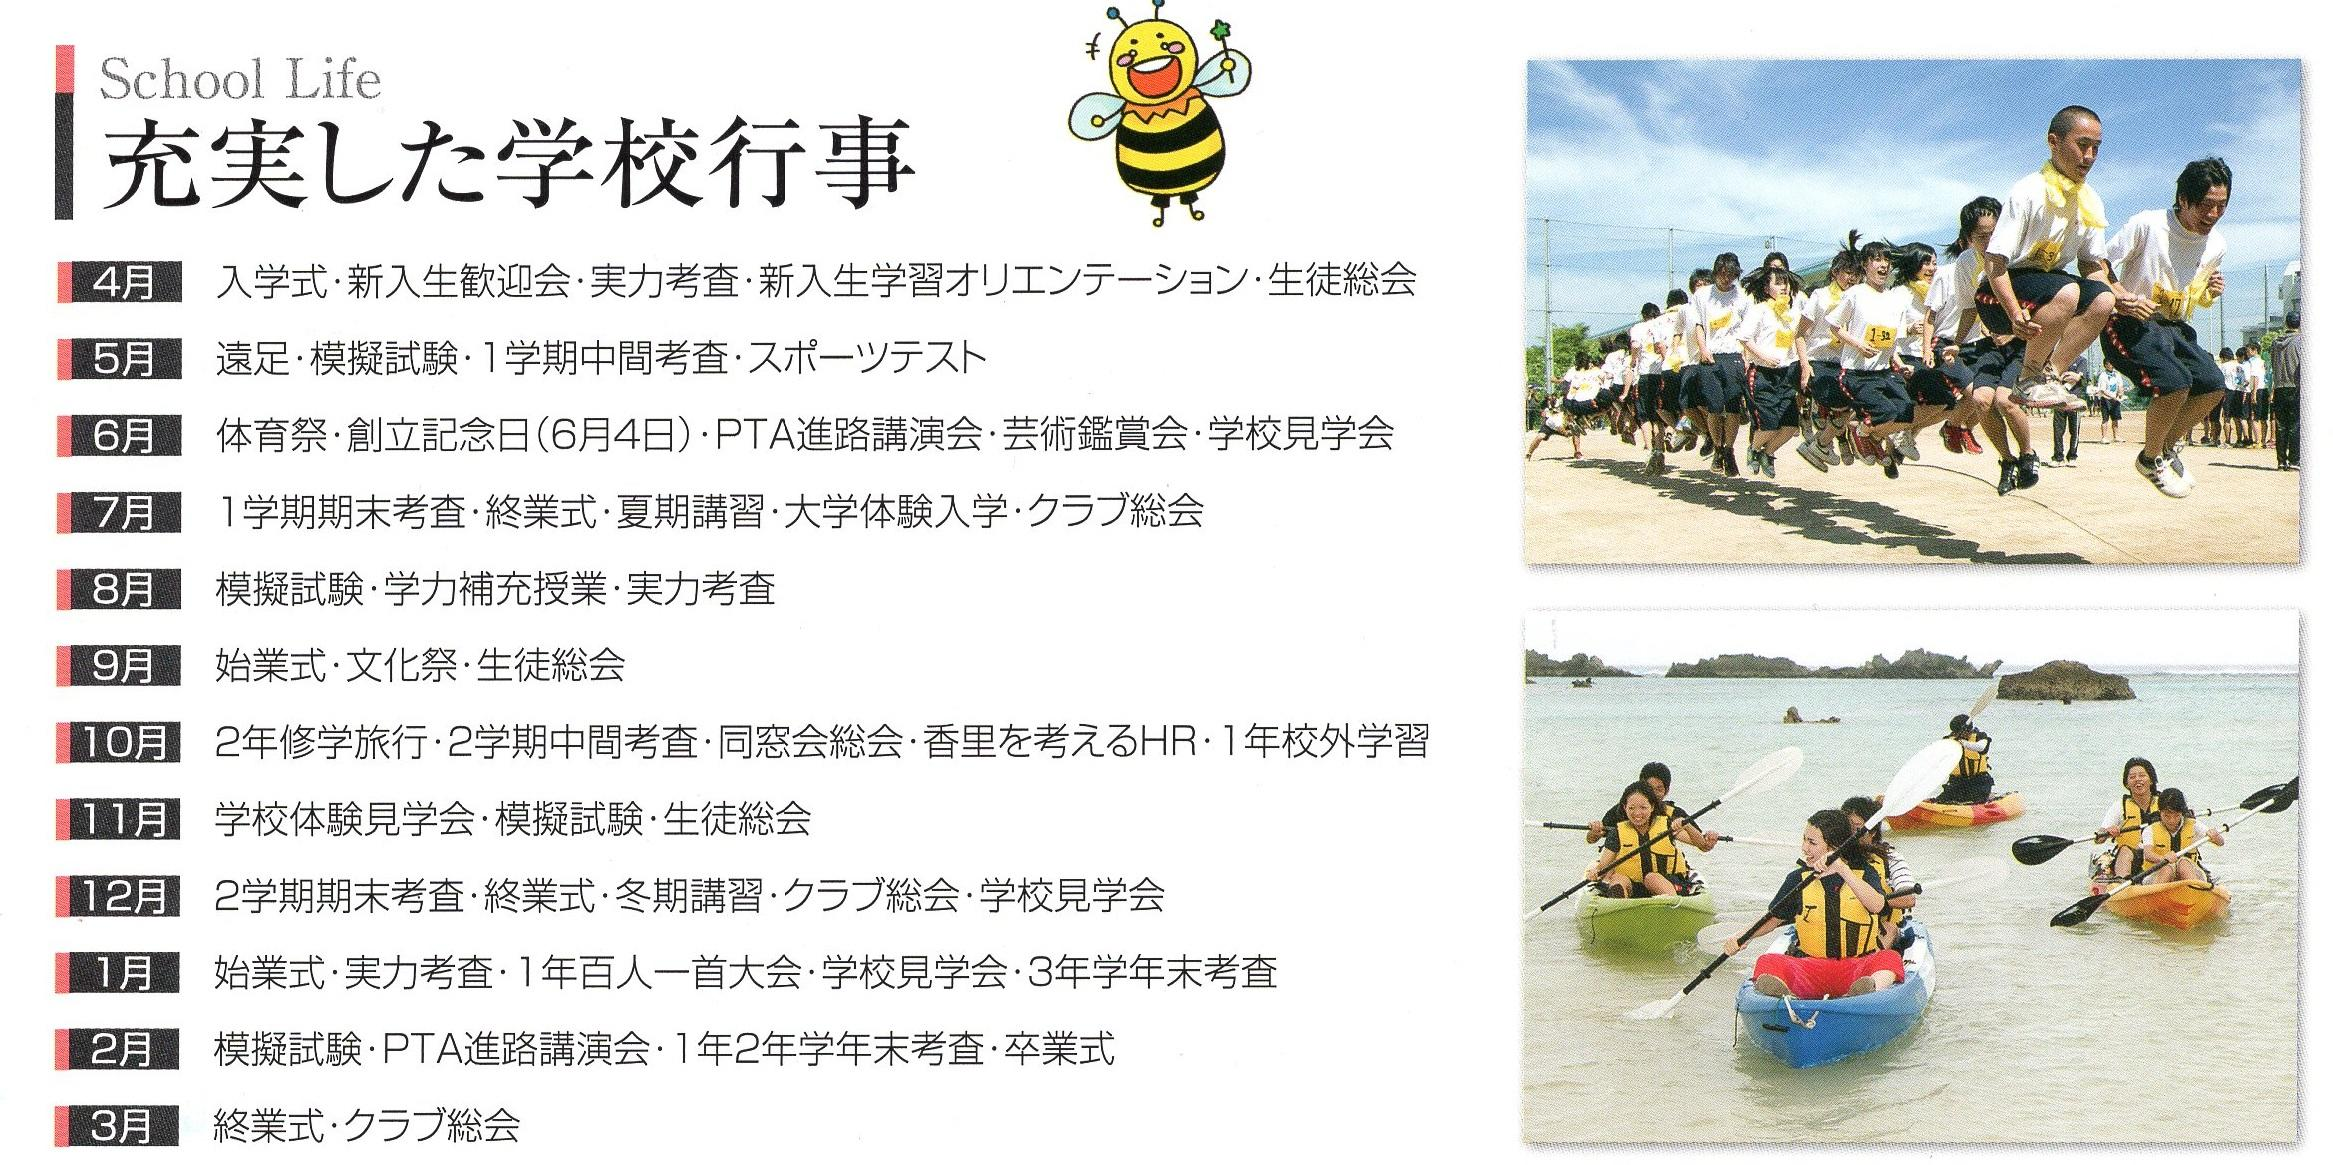 gakkougyouji01.jpg